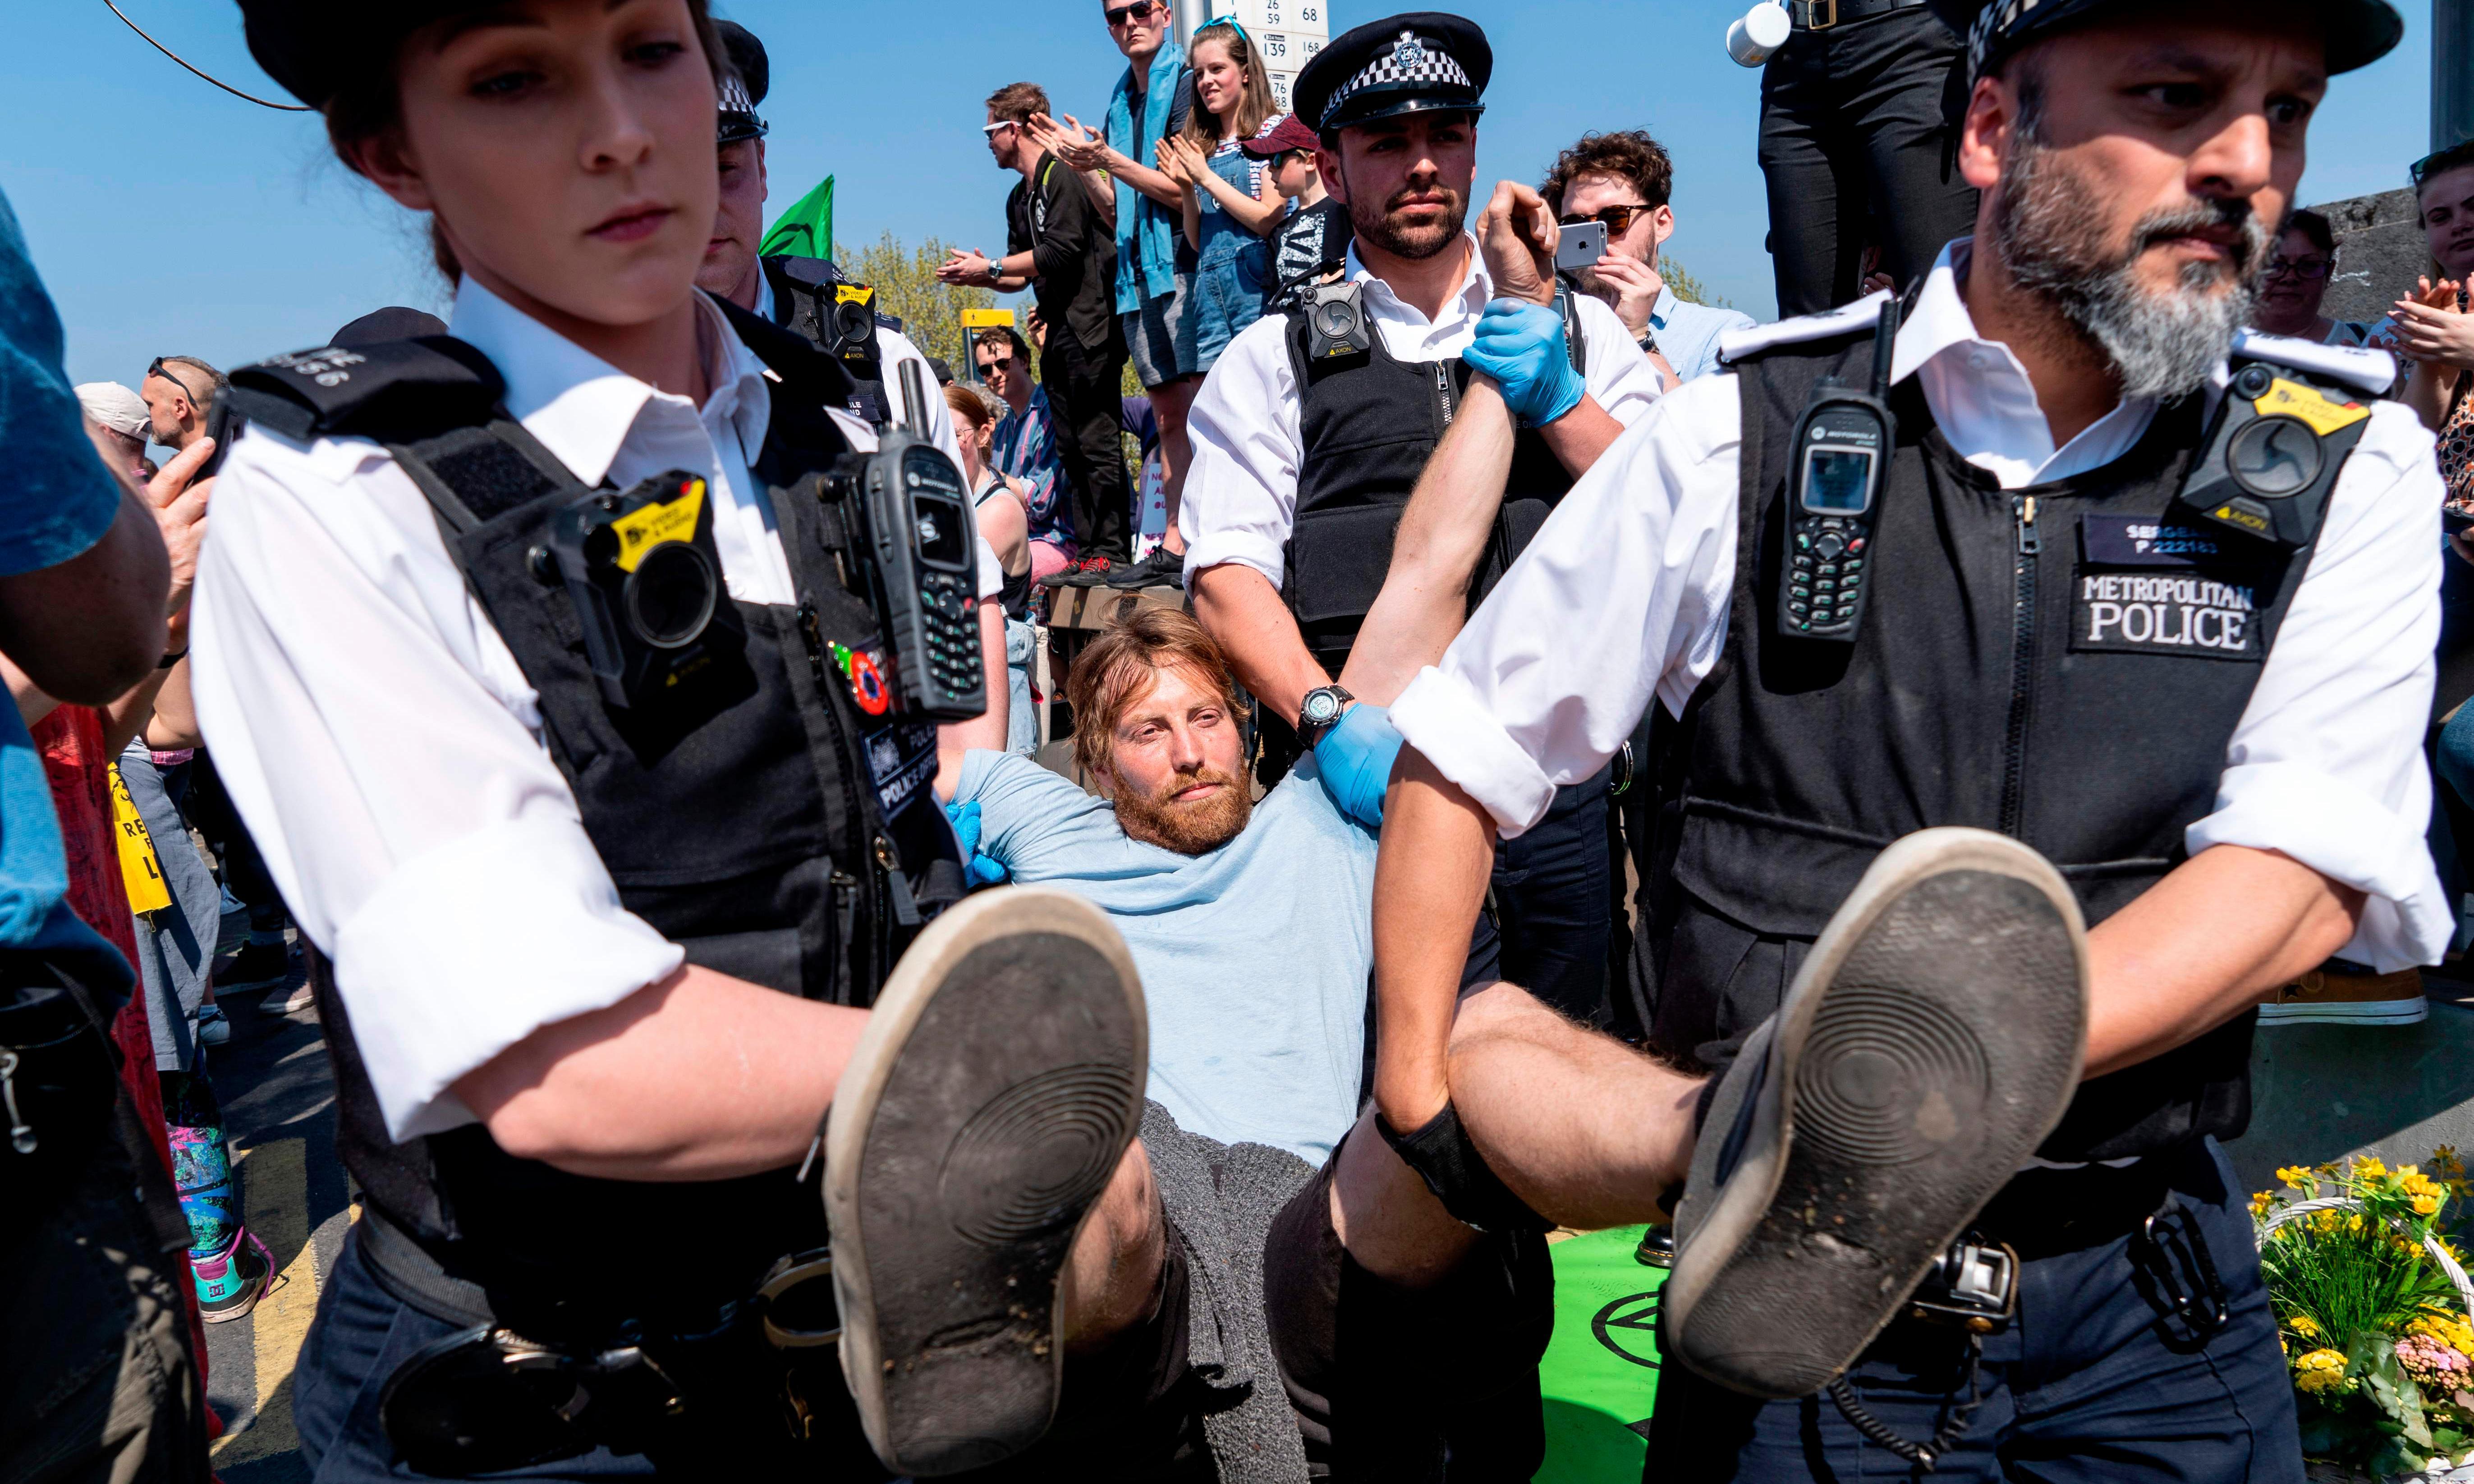 Police take hard line on arrested Extinction Rebellion protesters